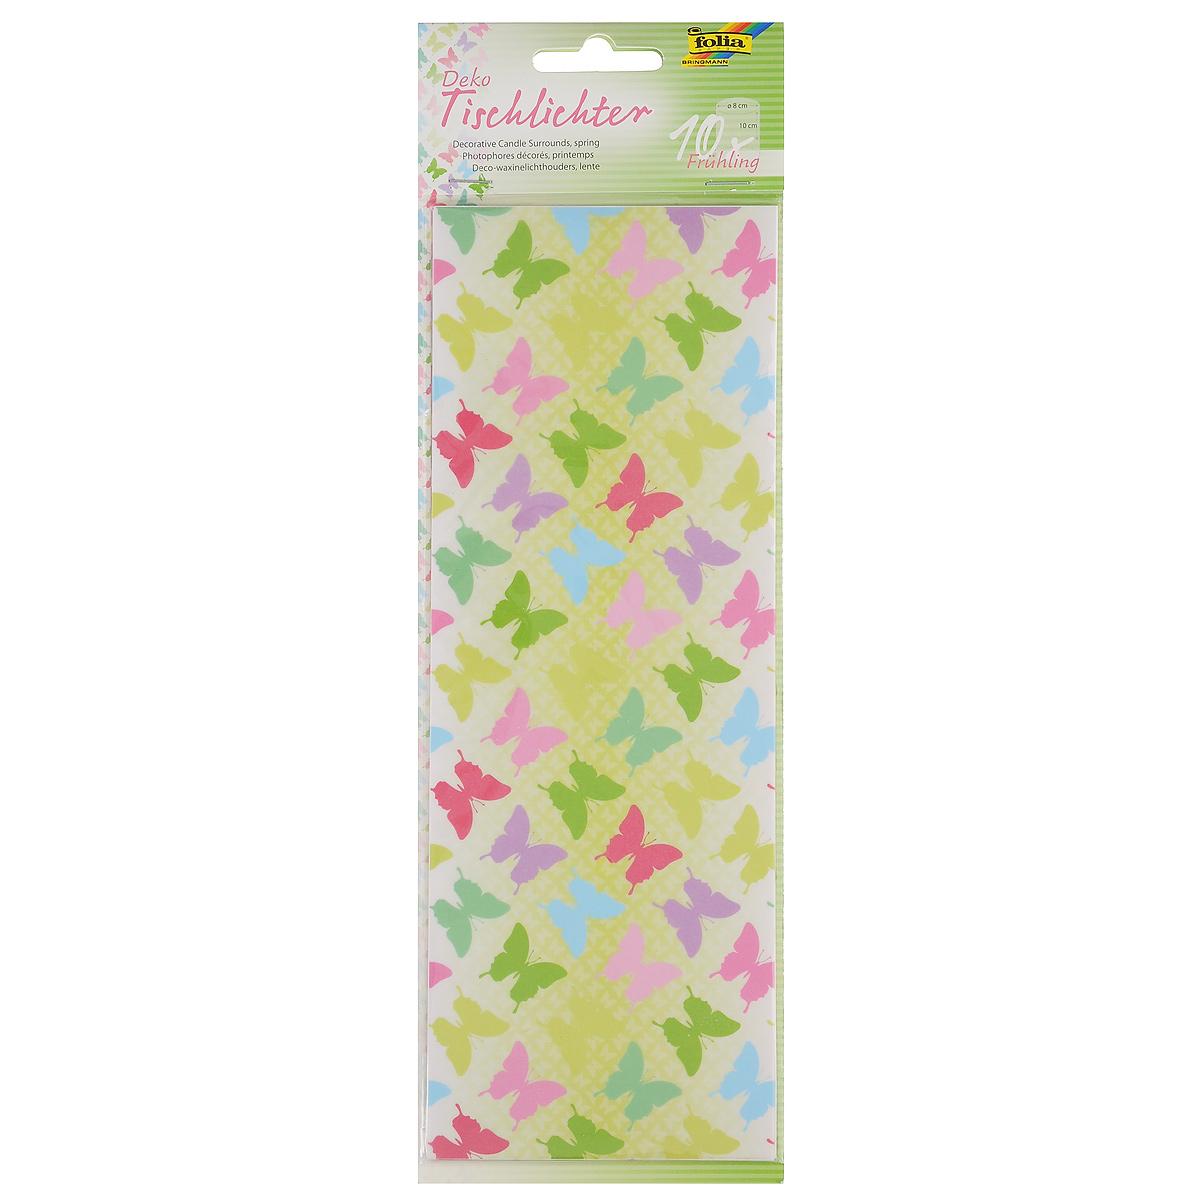 Бумага Folia Весна для украшения свечей, 10 см х 27 см, 10 листов бумага папиросная folia 50 см х 70 см 10 листов 7708130